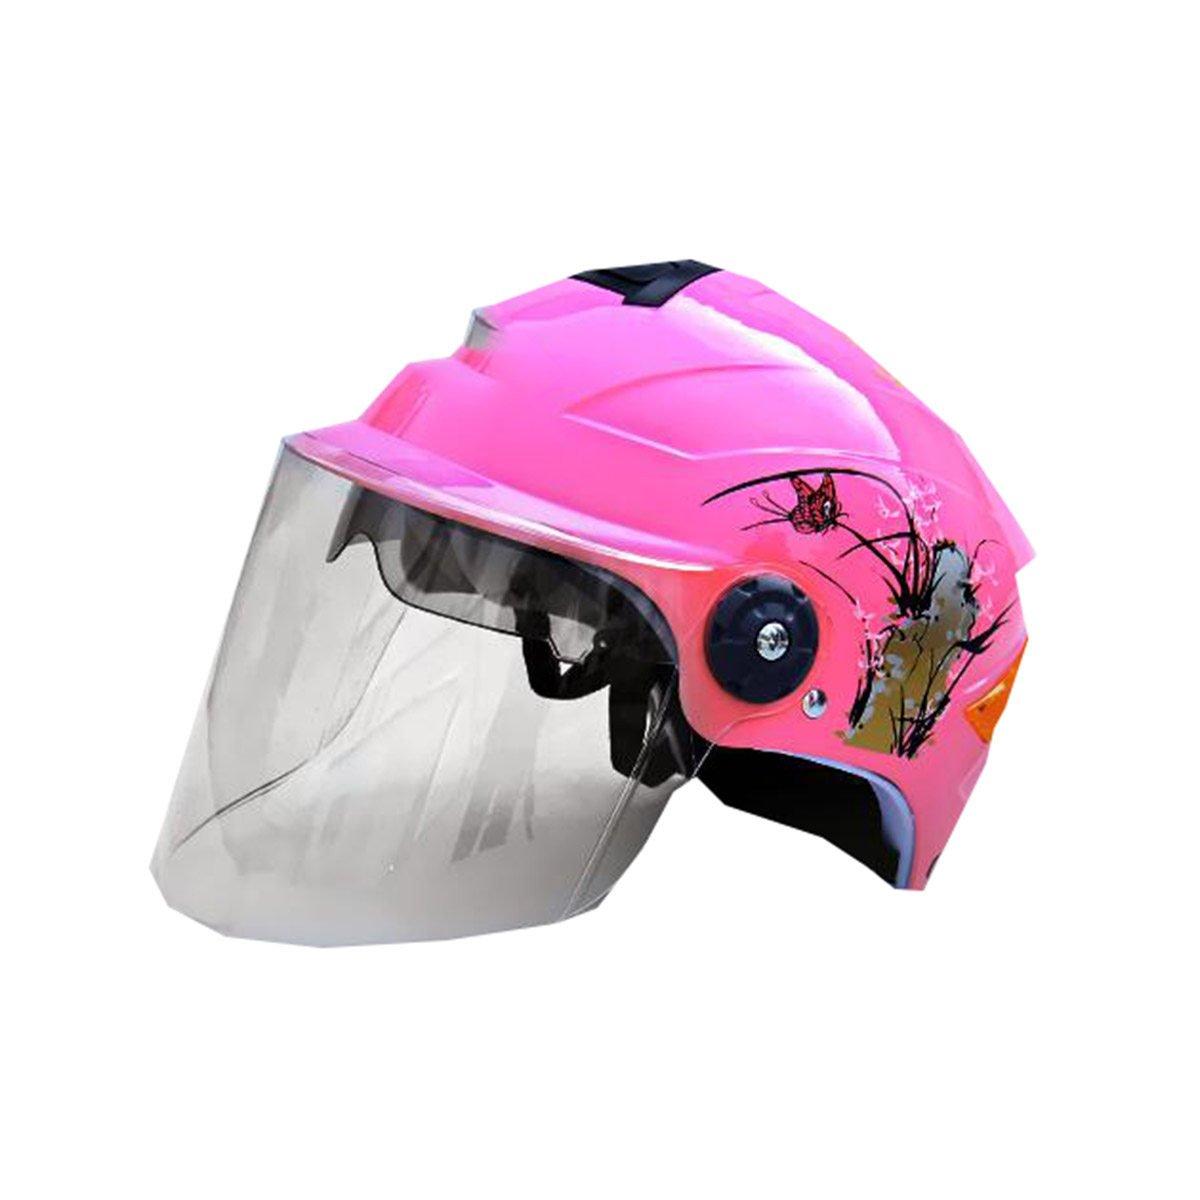 TZQ Moda Motocicleta Coche Eléctrico Half-covered Sunscreen Señoras Coche Eléctrico Moda Lucha Hat Casco